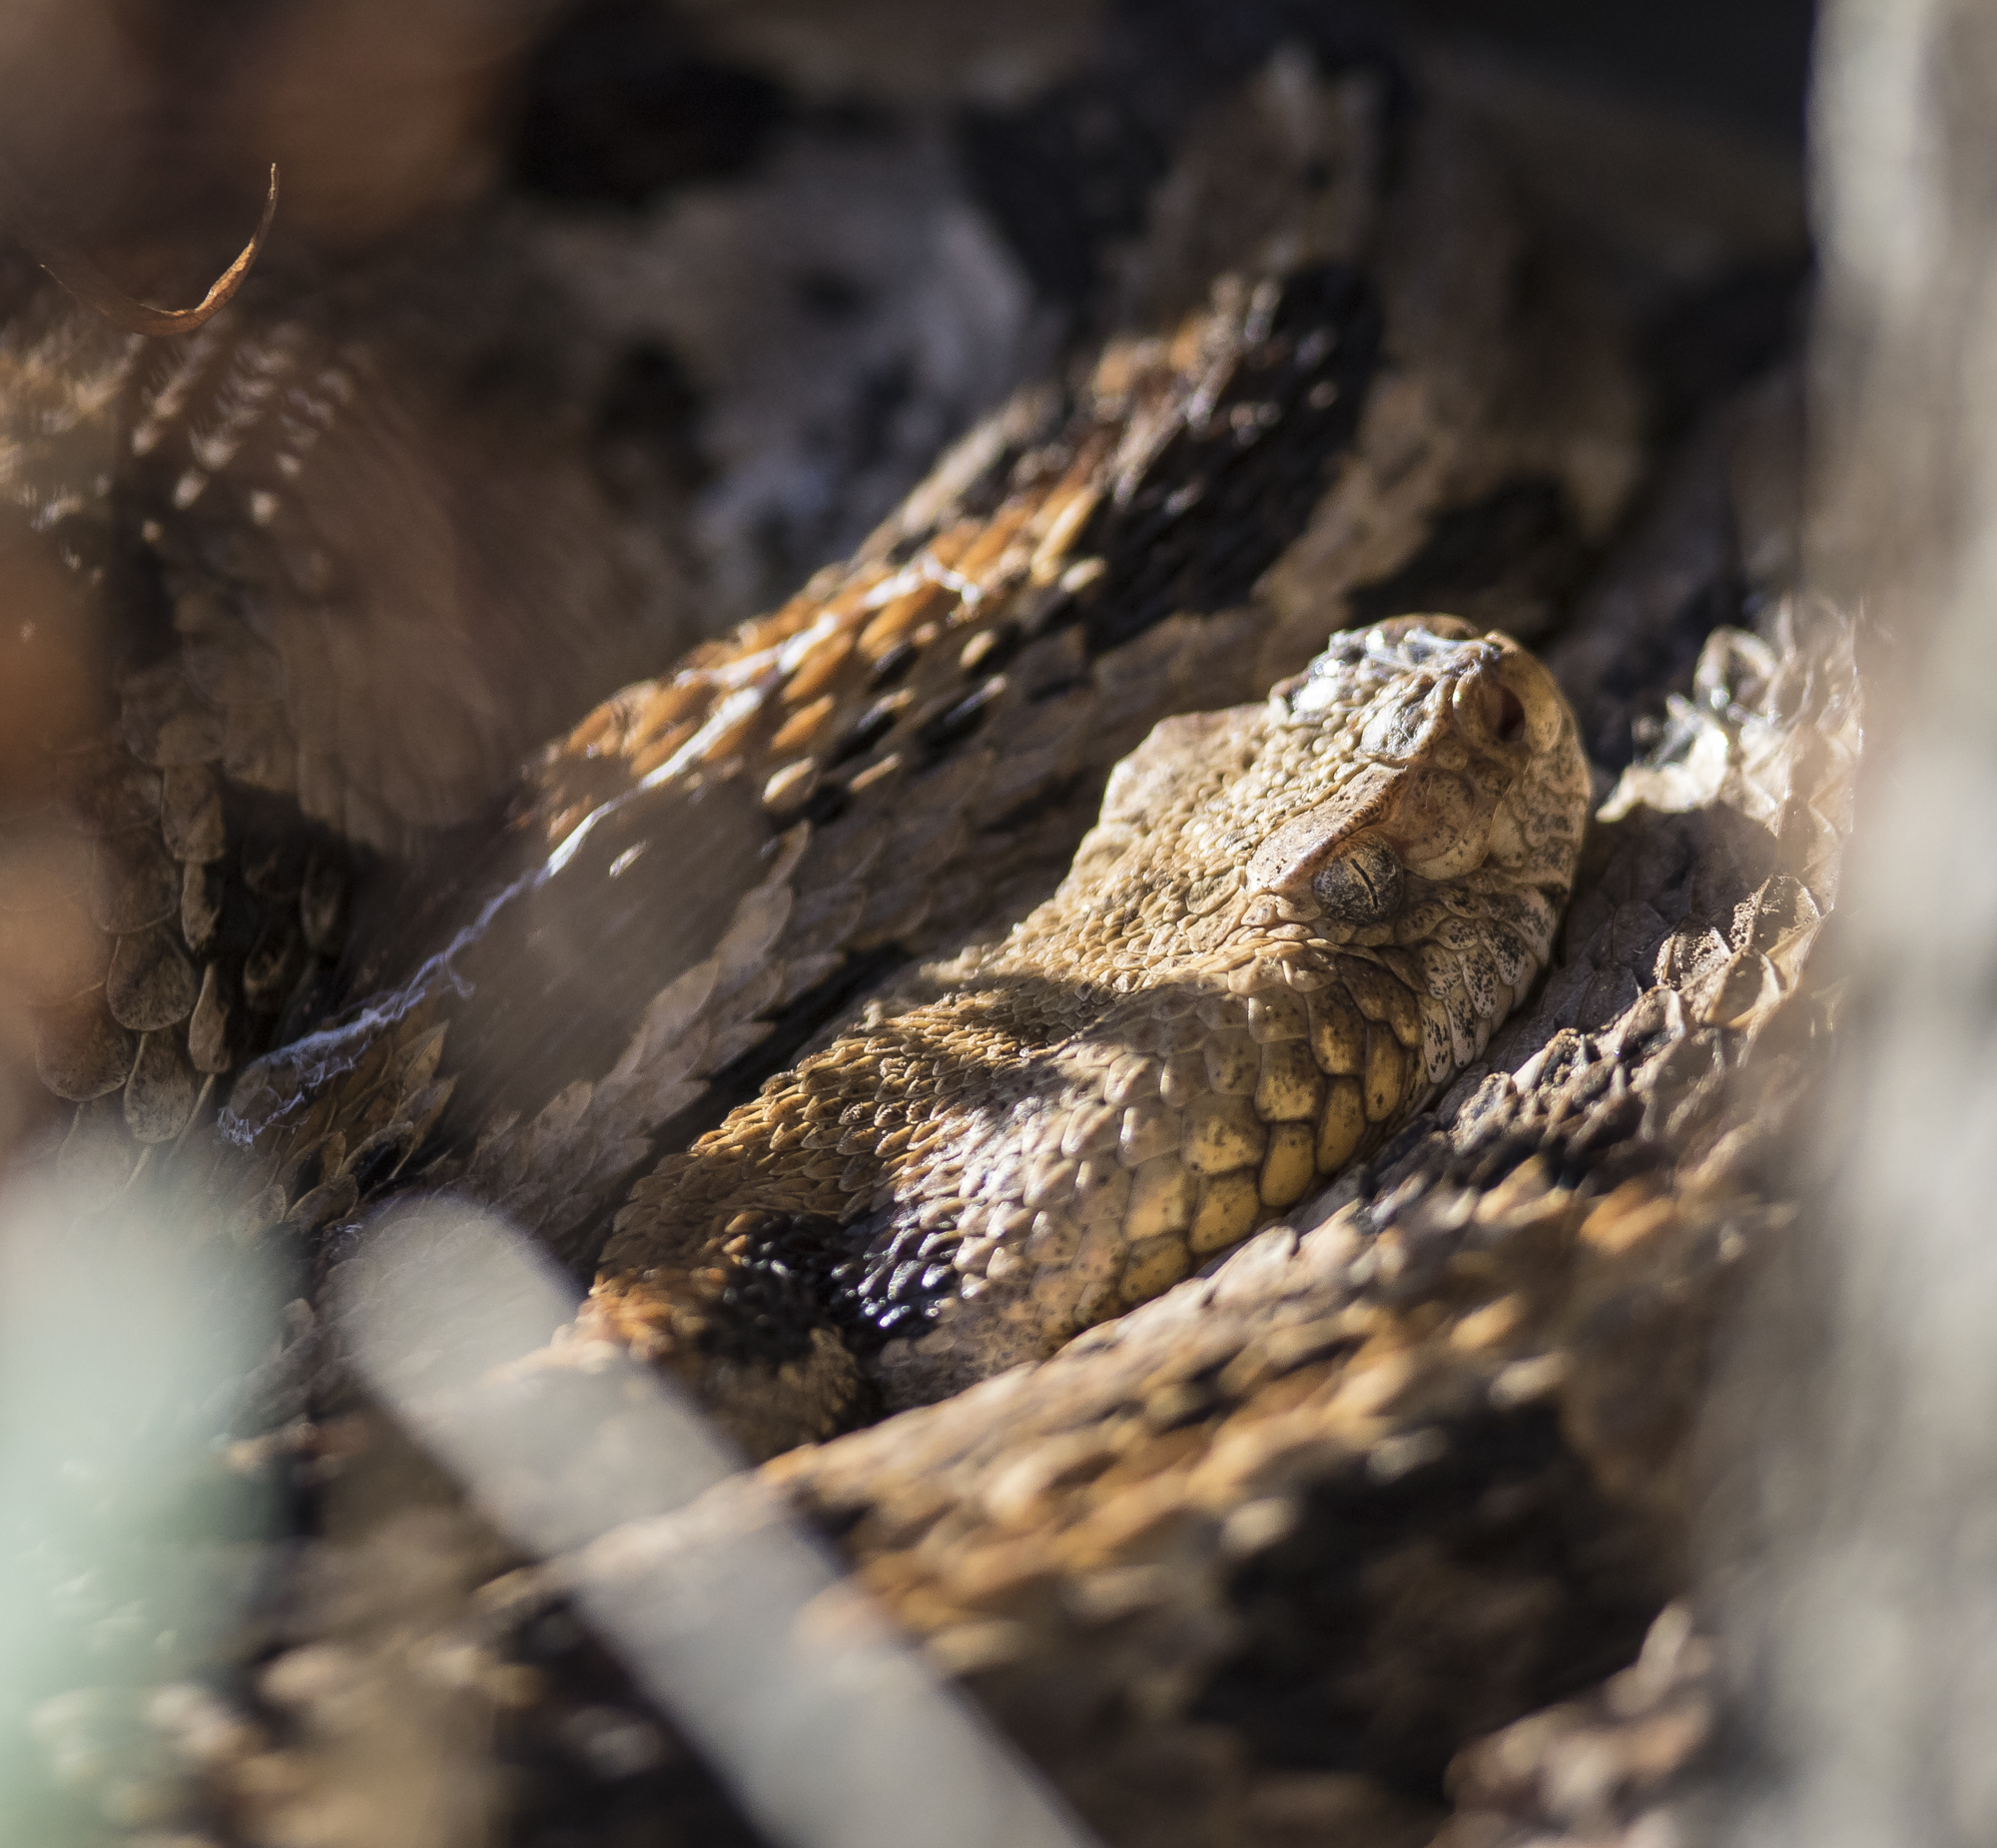 Canebrake rattlesnake head shot